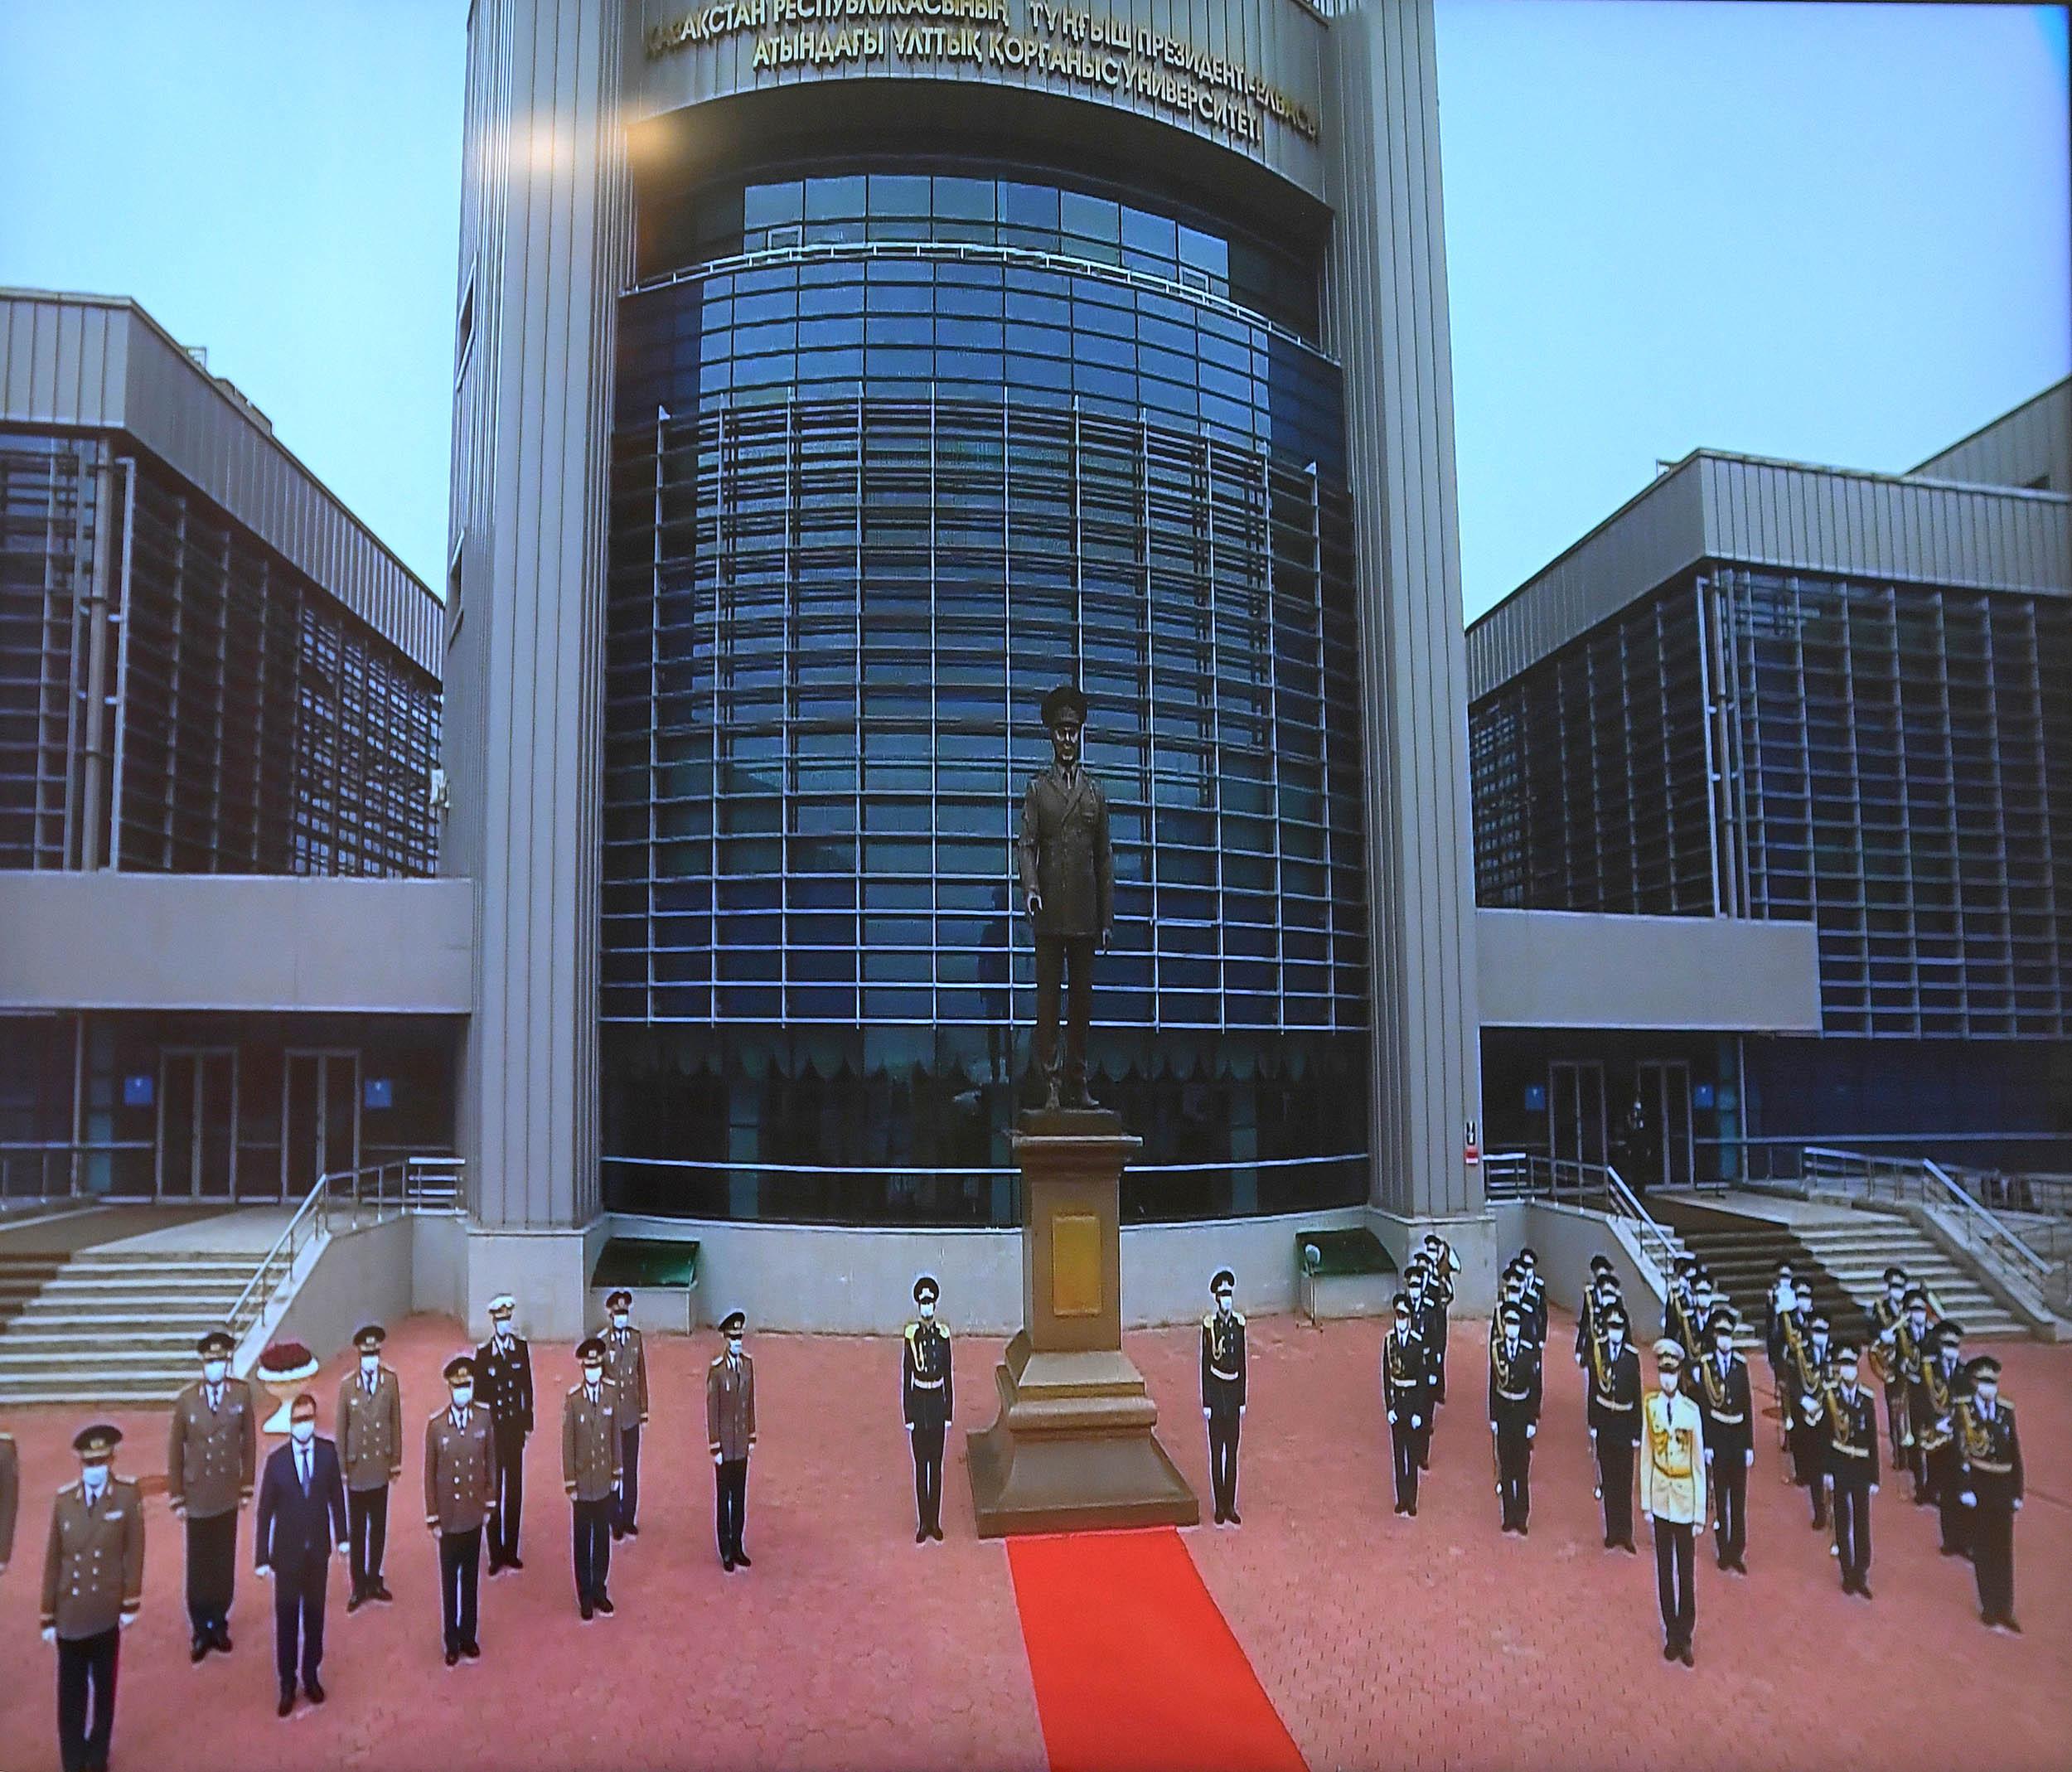 Глава государства принял участие в церемонии открытия монумента Первому Президенту – Елбасы Н.А.Назарбаеву